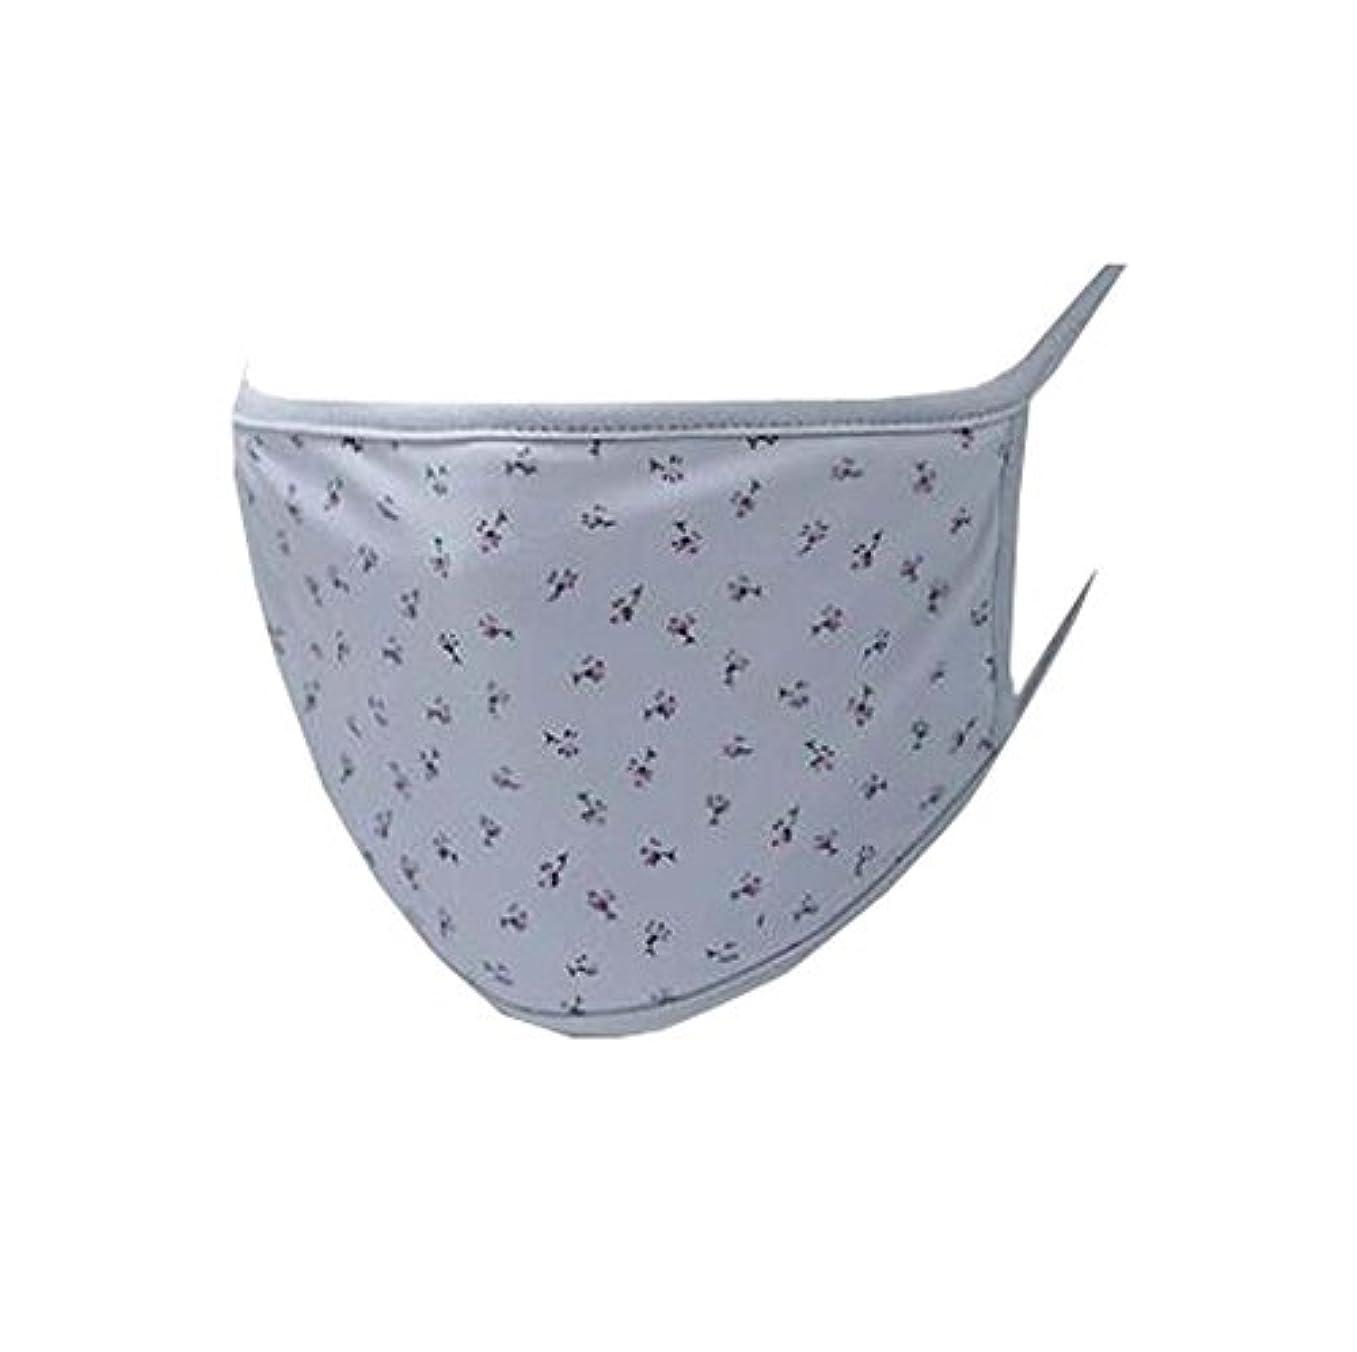 ミシンブルーベル病院口マスク、再利用可能フィルター - 埃、花粉、アレルゲン、抗UV、およびインフルエンザ菌 - E